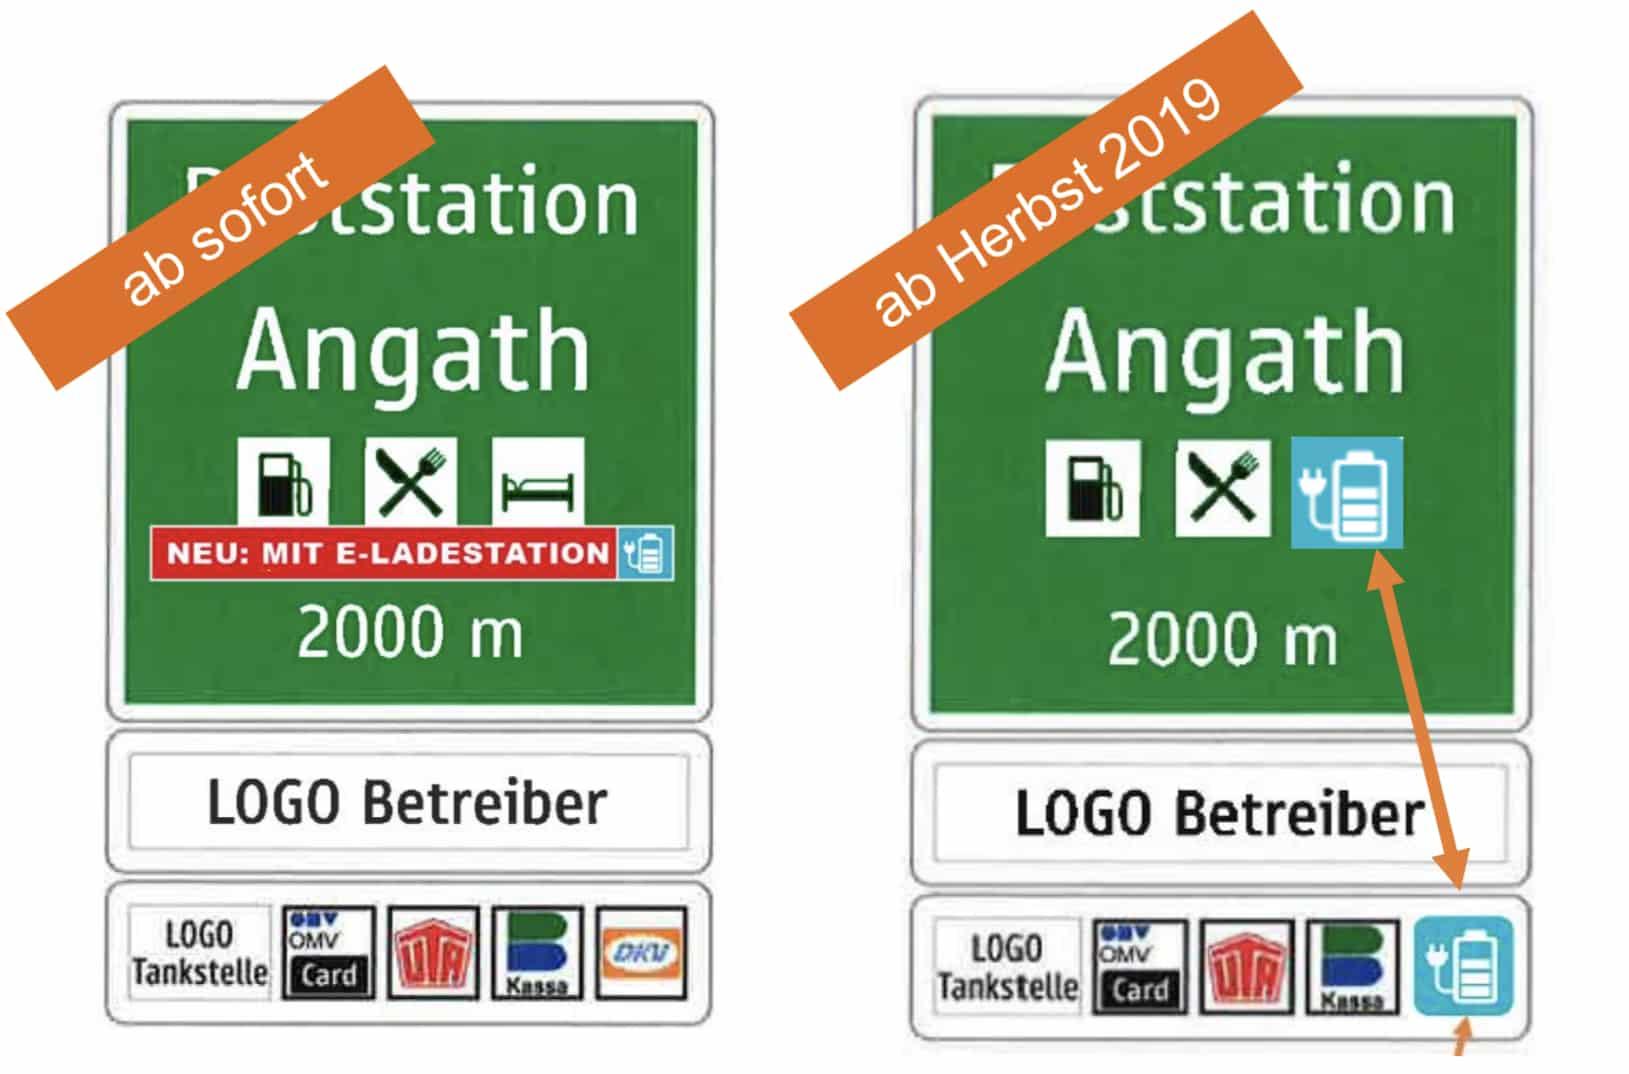 Start der Ausschilderung von Schnellladern auf Autobahnen » image1 7